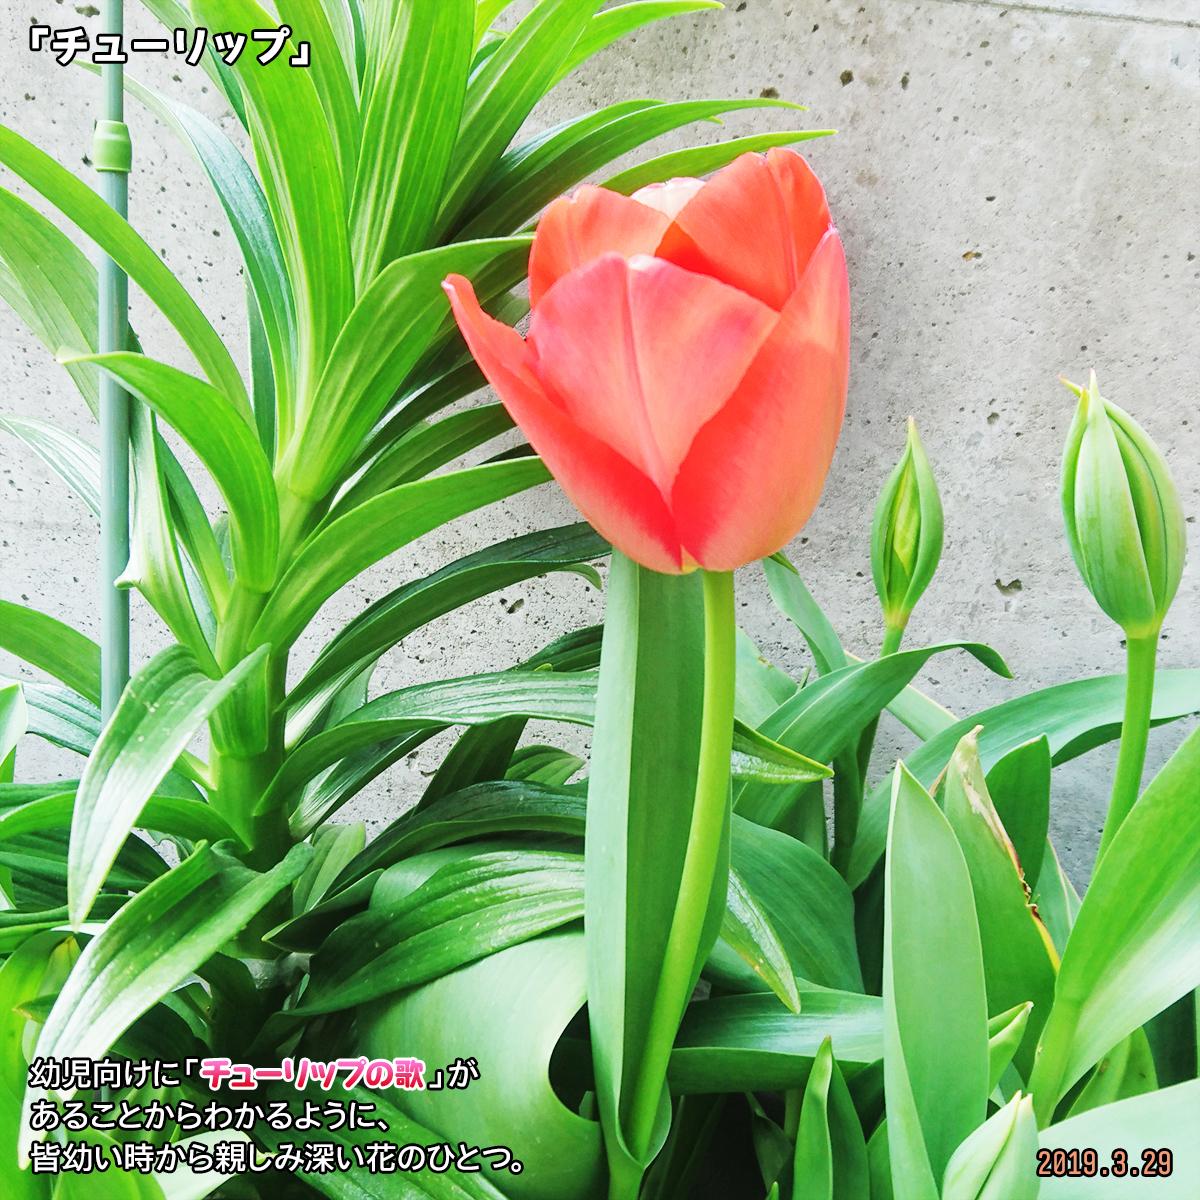 DSC_0141_20190411174416c29.jpg